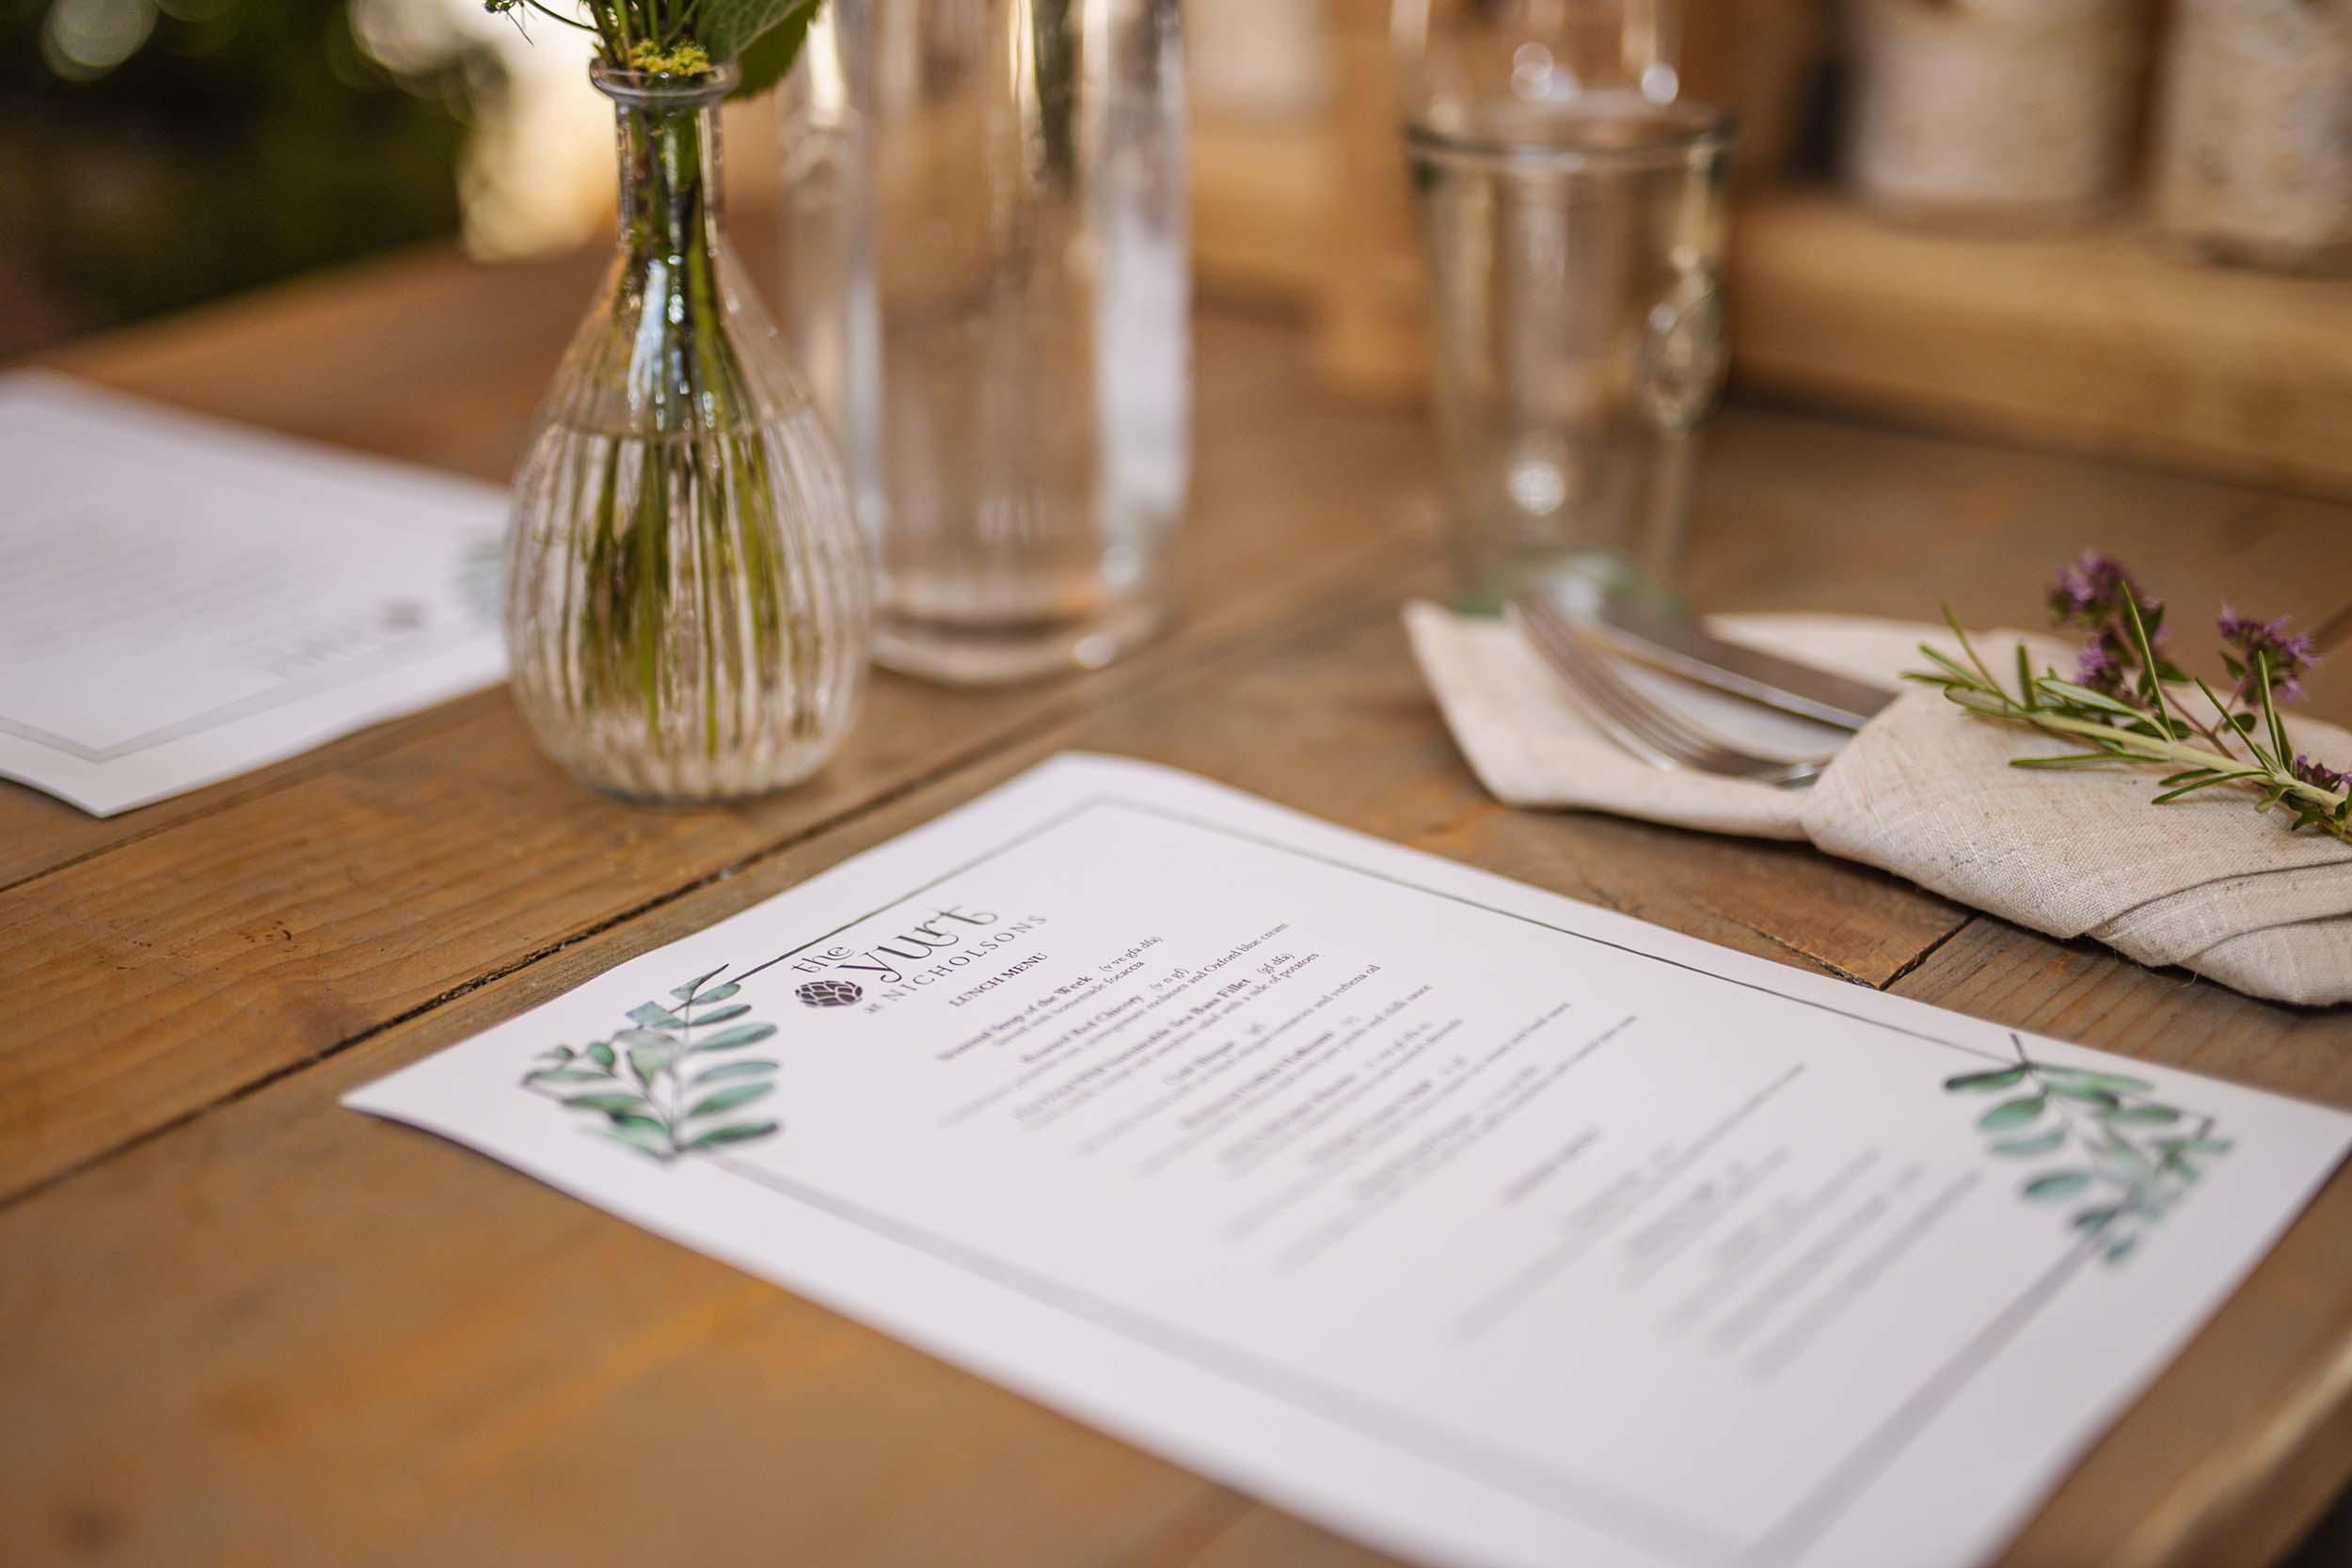 The Yurt menu